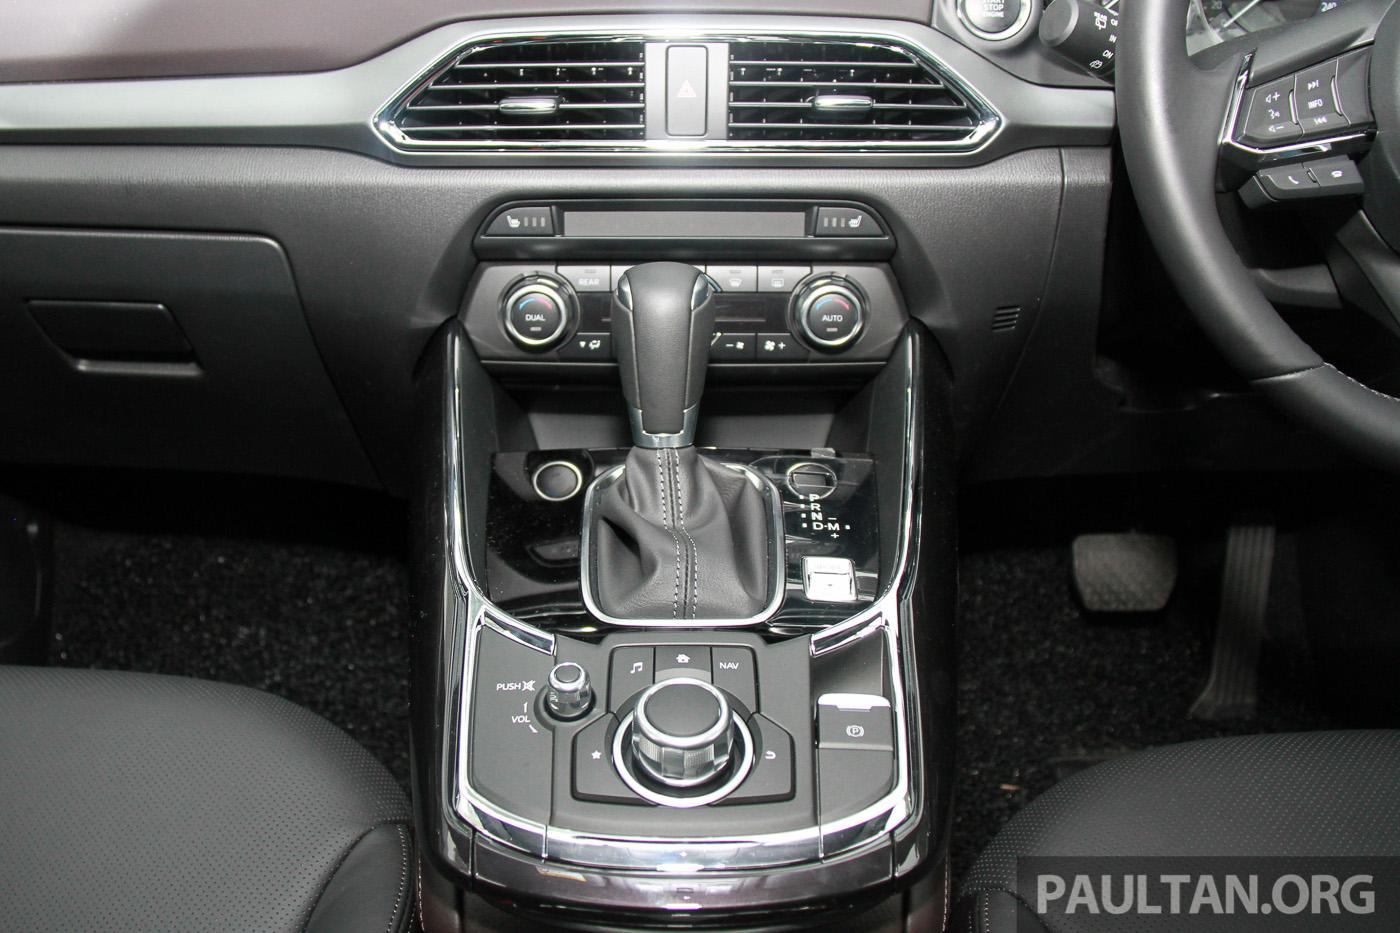 全新 Mazda Cx 9 预览,搭载2 5升skyactiv G 涡轮引擎。 Mazda Cx 9 Skyactiv 2 5 7 Paul Tan 汽车资讯网